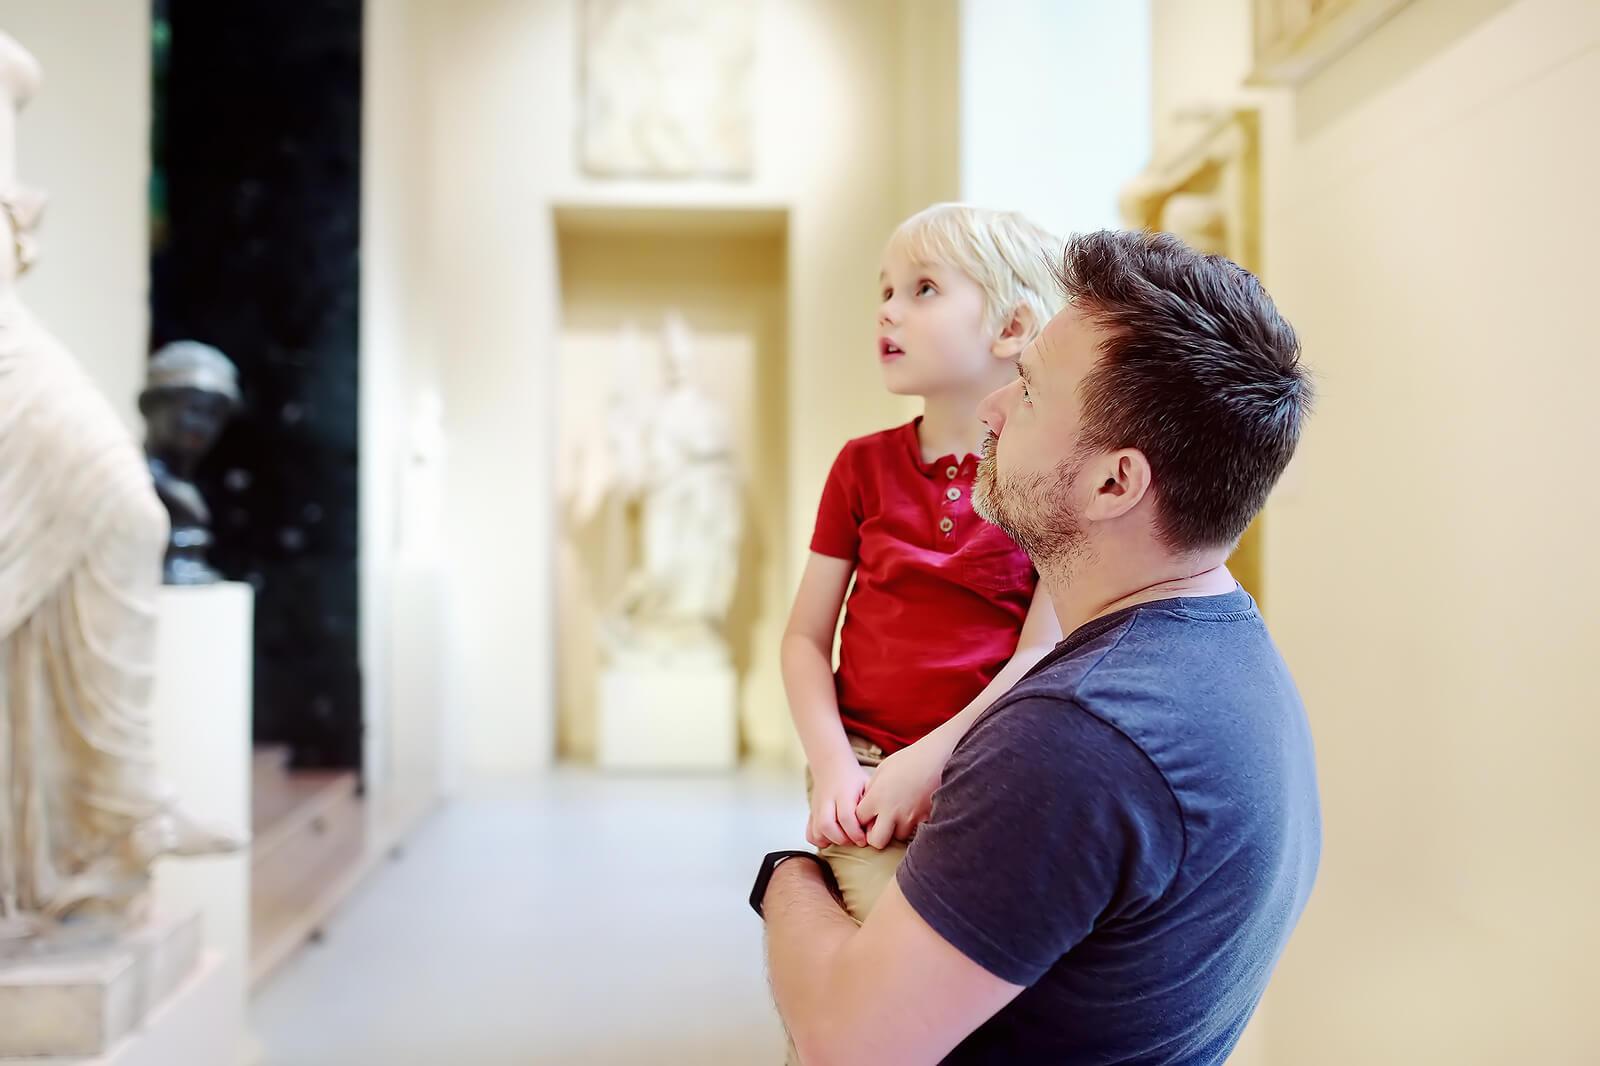 Padre con su hijo en un museo, fruto de la coparentalidad.